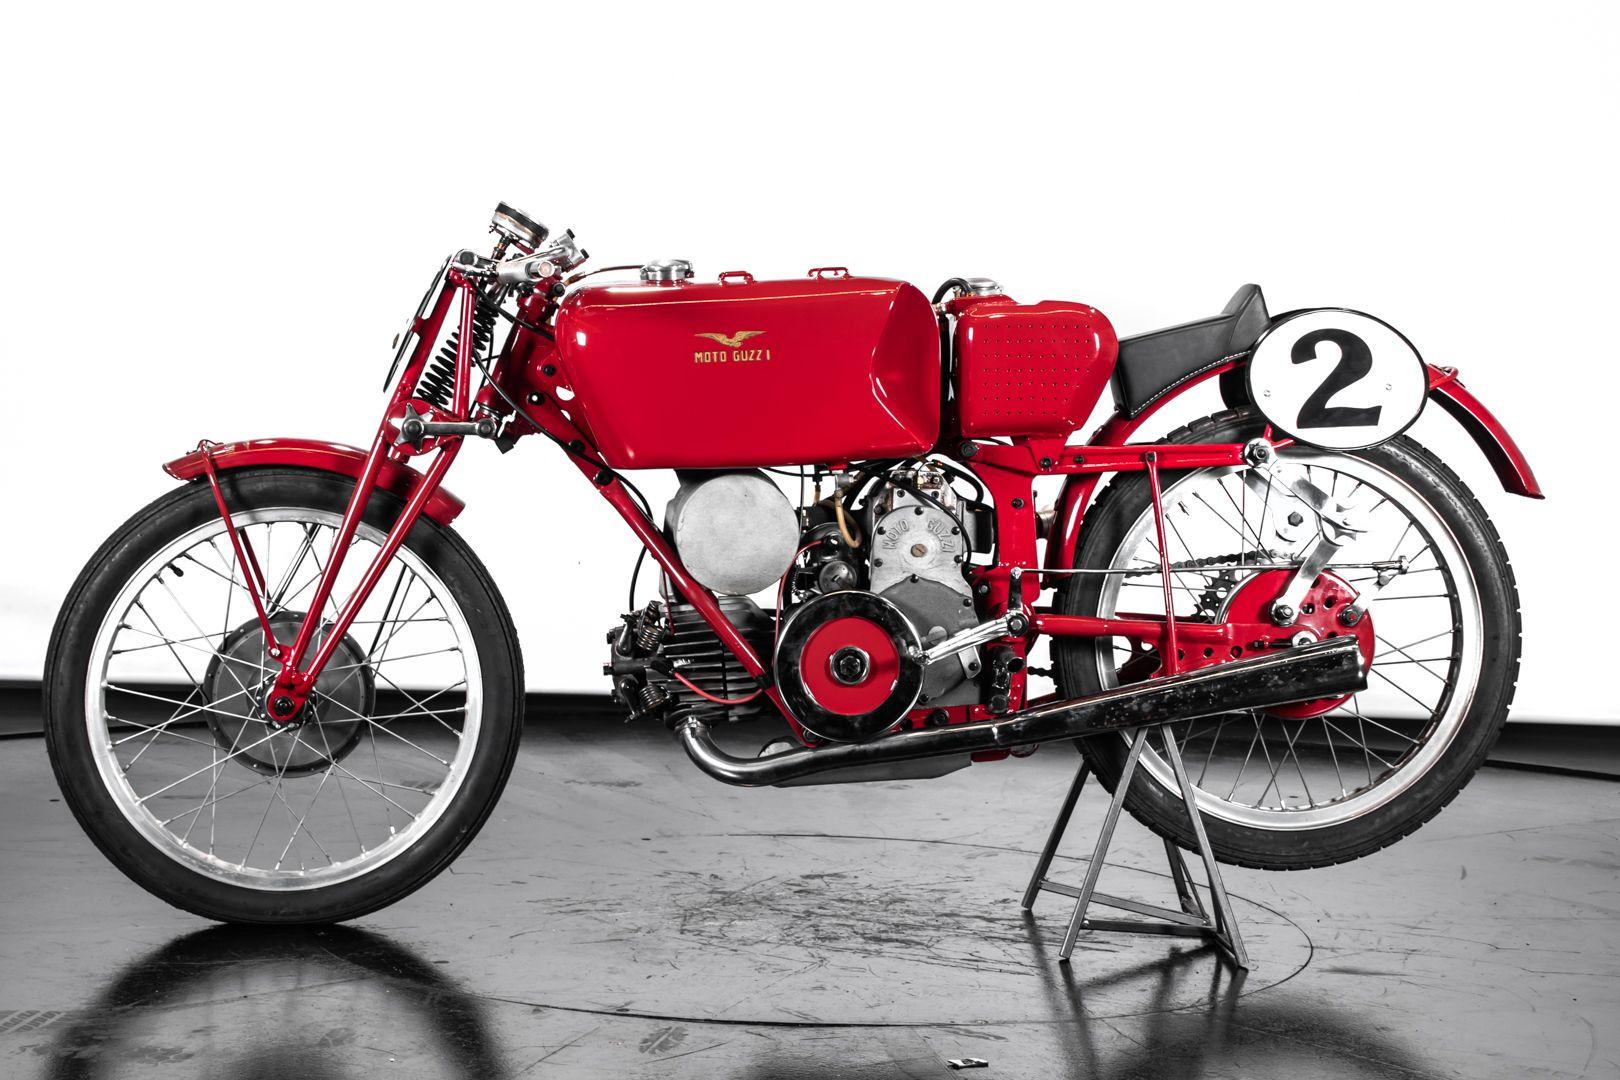 1938 Moto Guzzi 250 Compressore 77217